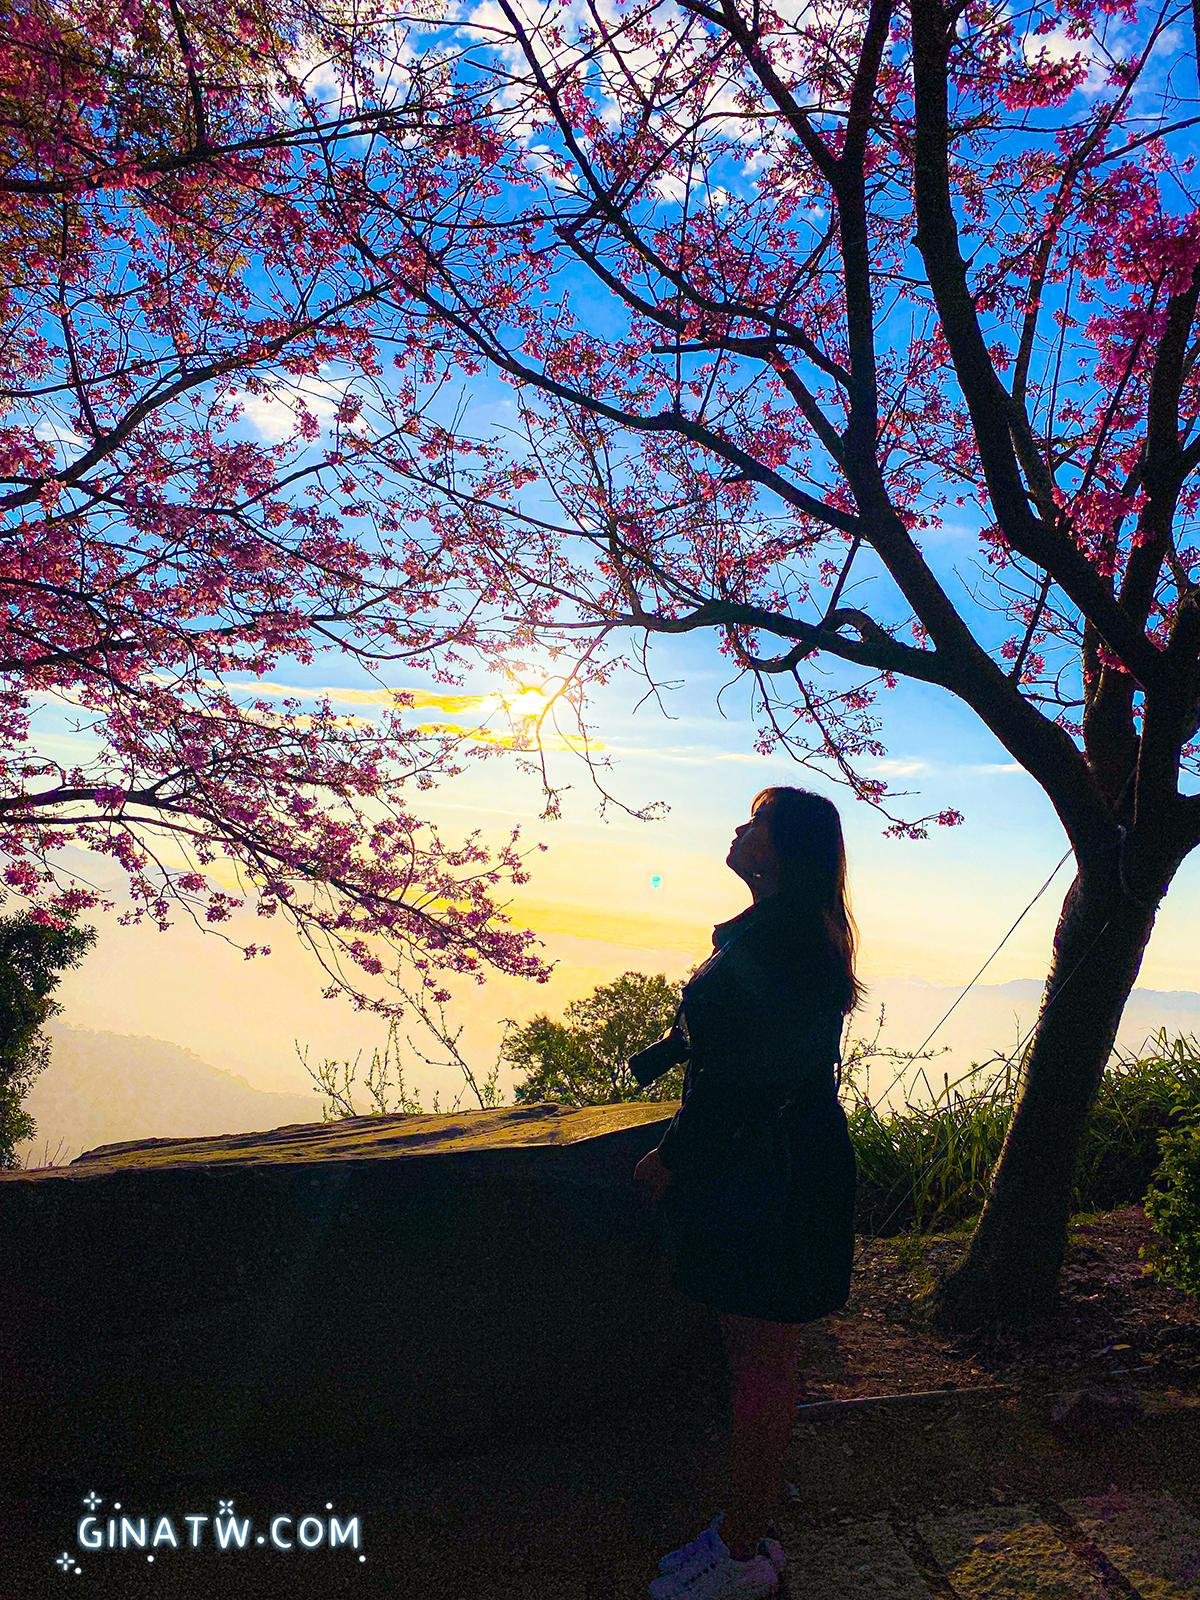 【2021苗栗一日遊】蓮臺山櫻花|大湖採草莓|協雲宮櫻花掉光光 @GINA環球旅行生活